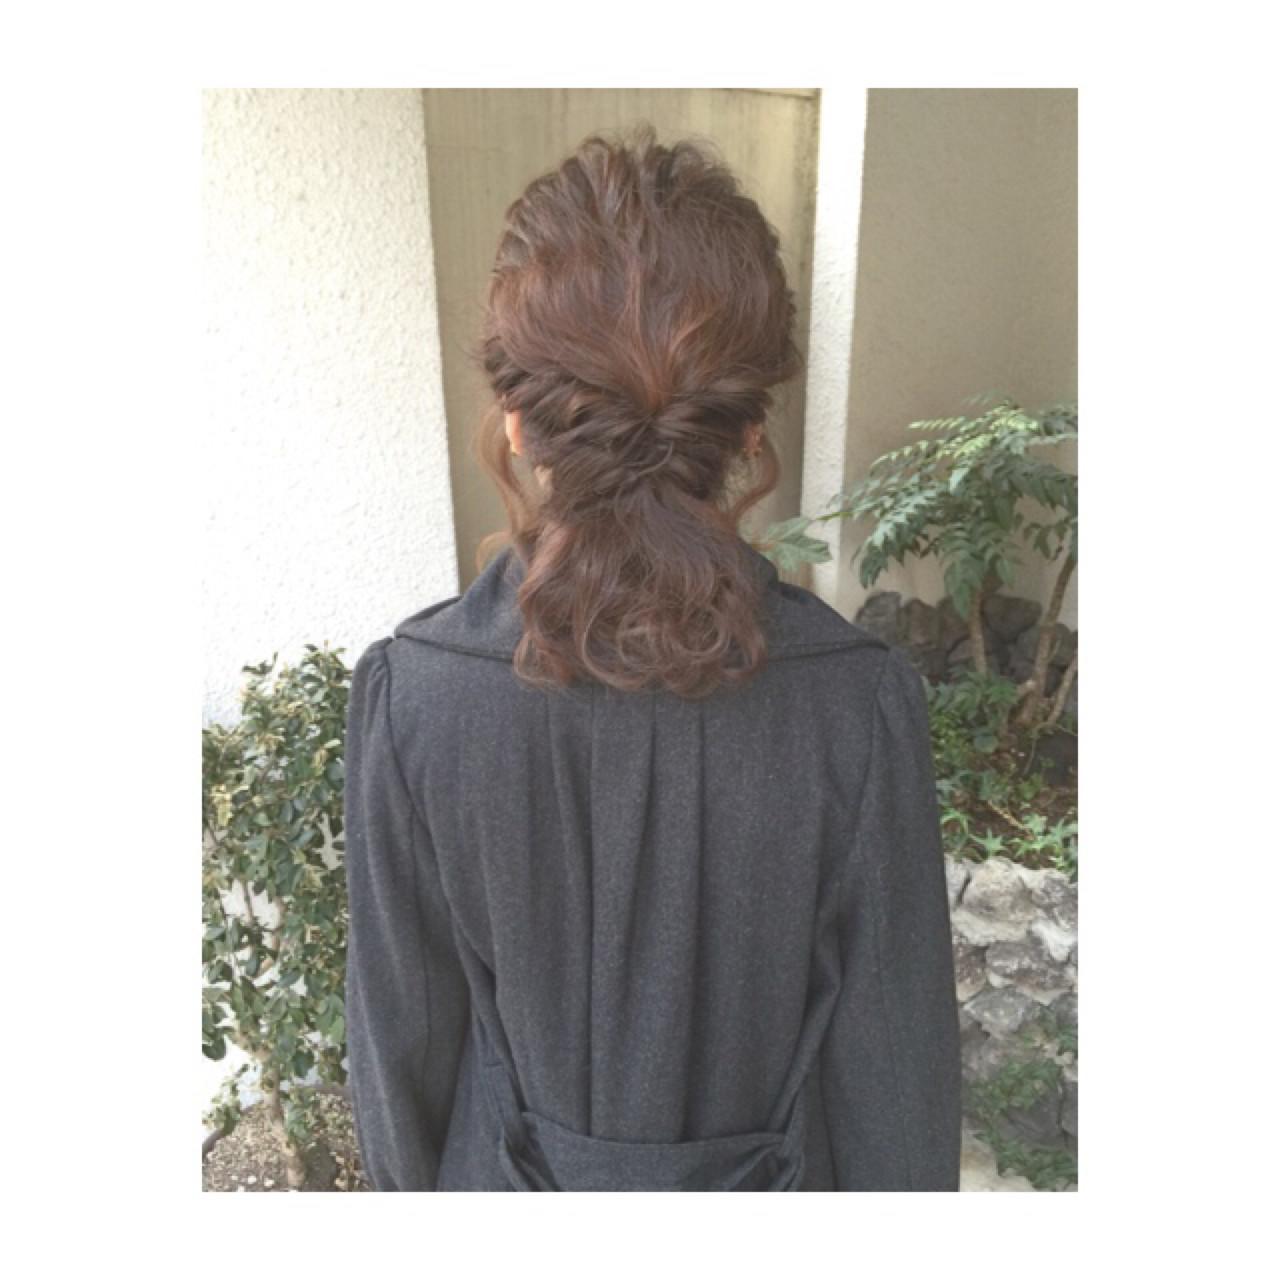 ヘアアレンジ ガーリー ゆるふわ 簡単ヘアアレンジヘアスタイルや髪型の写真・画像